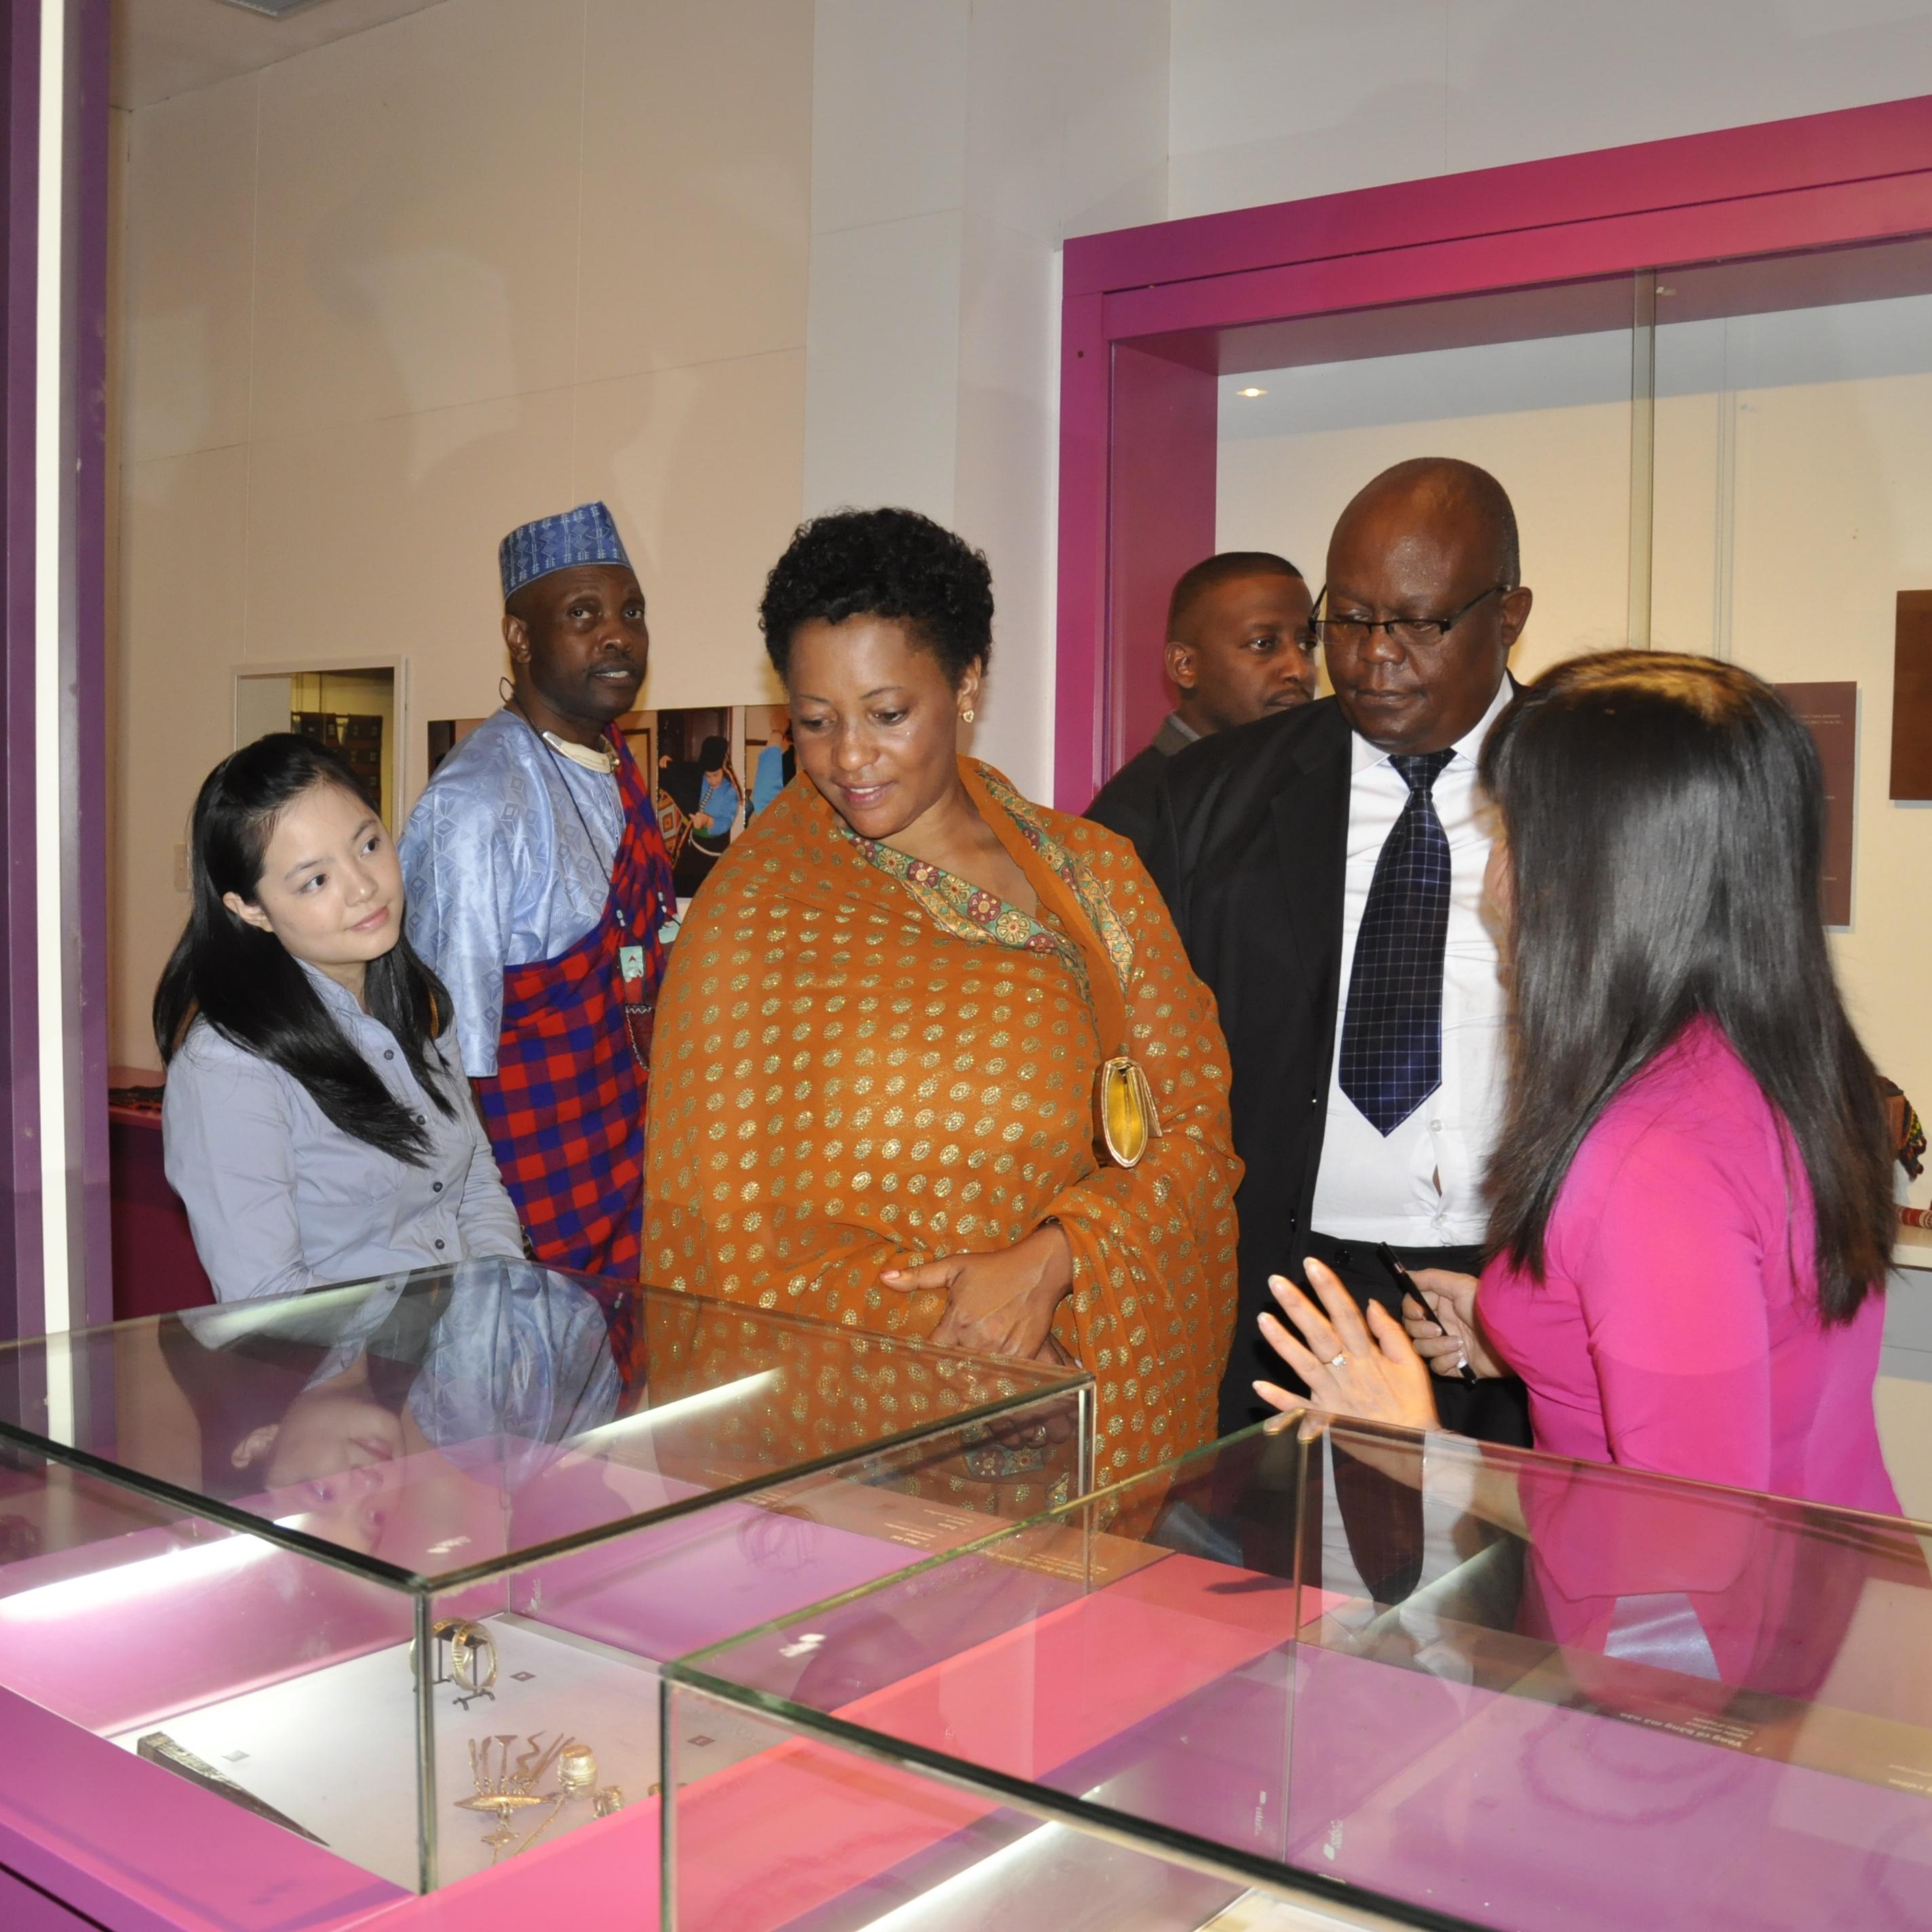 Thủ tướng Vương quốc Toro thăm Bảo tàng Phụ nữ Việt Nam